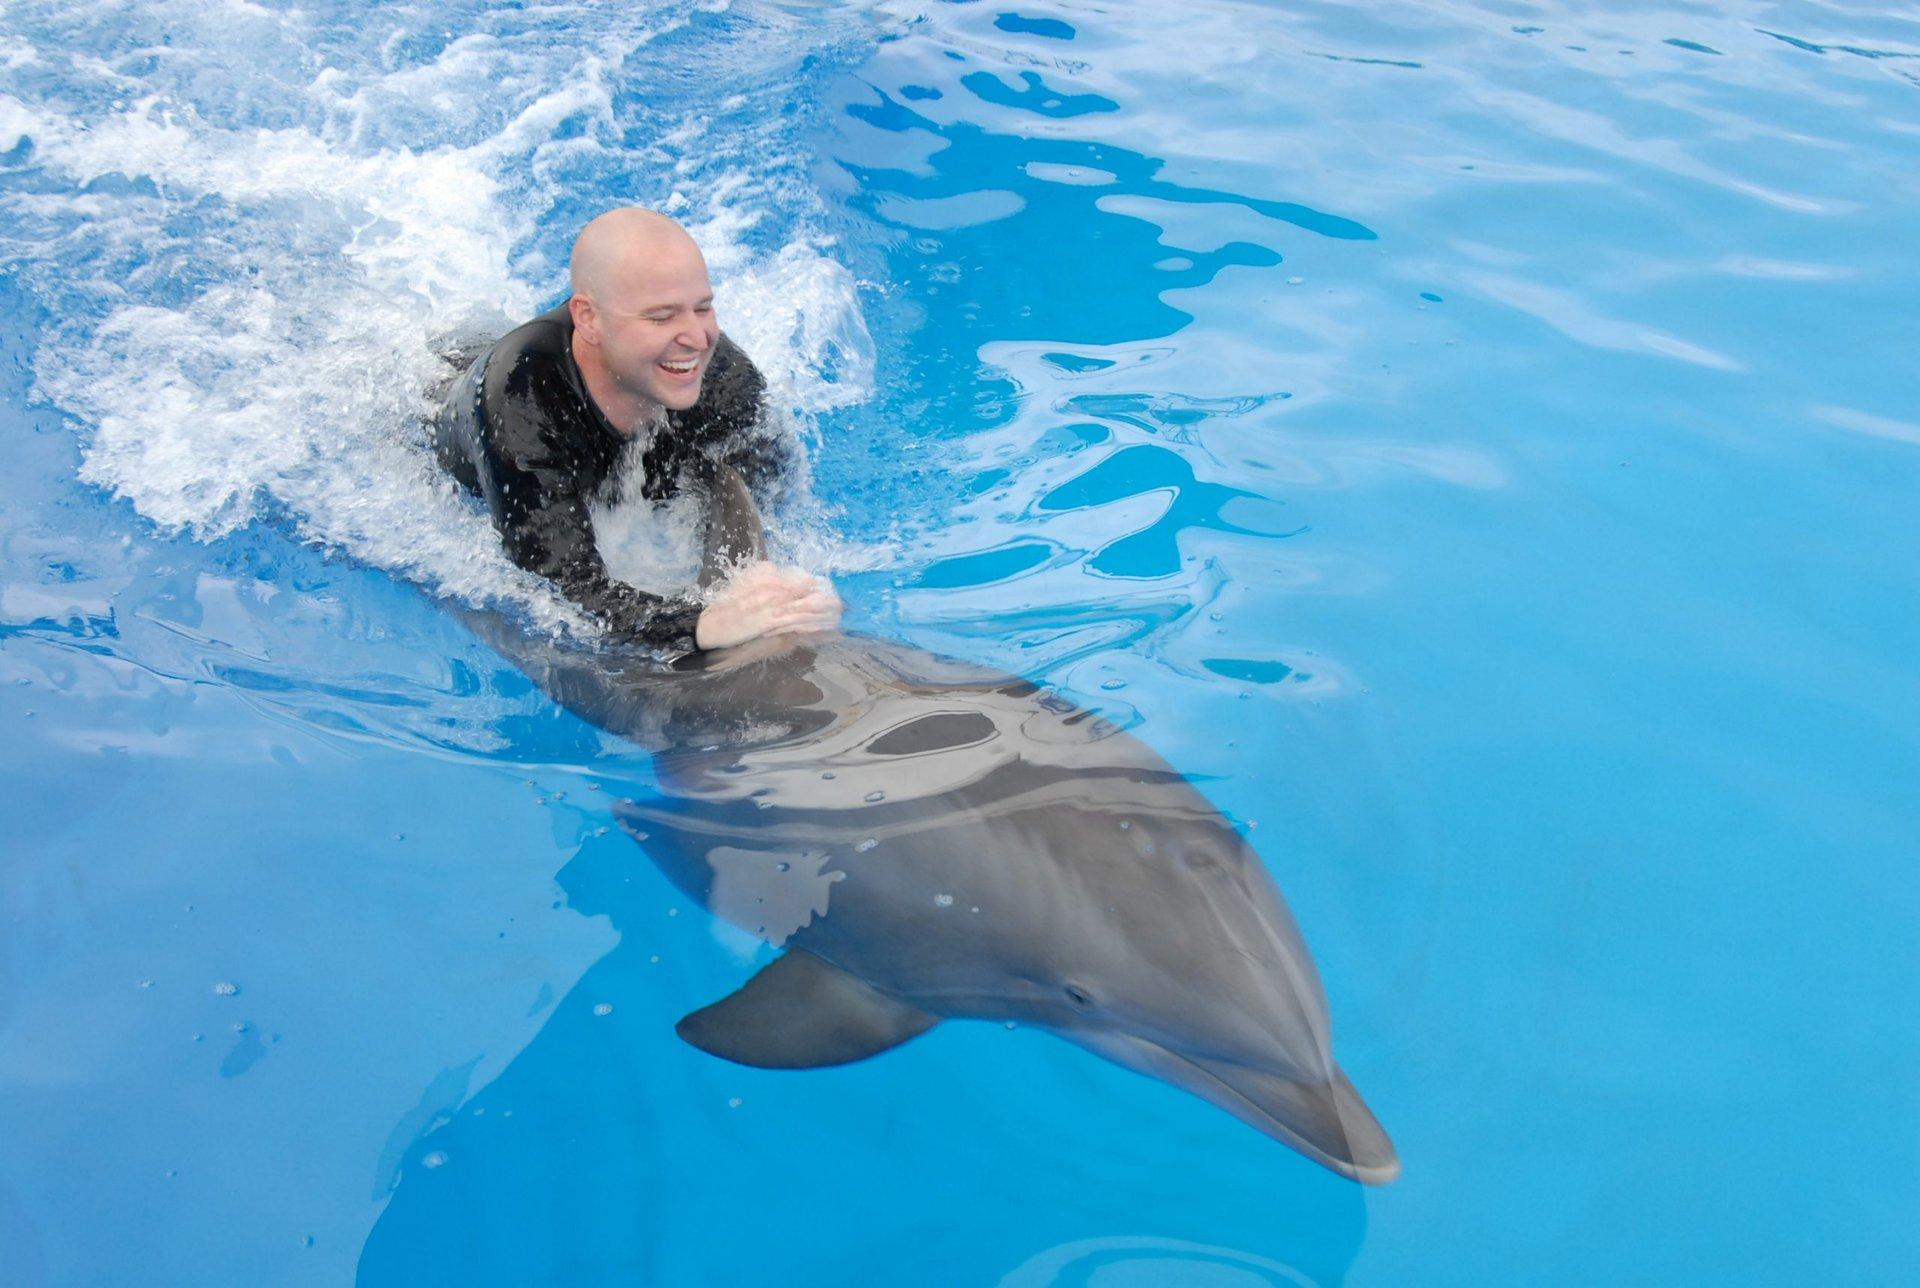 A man riding a dolphin.